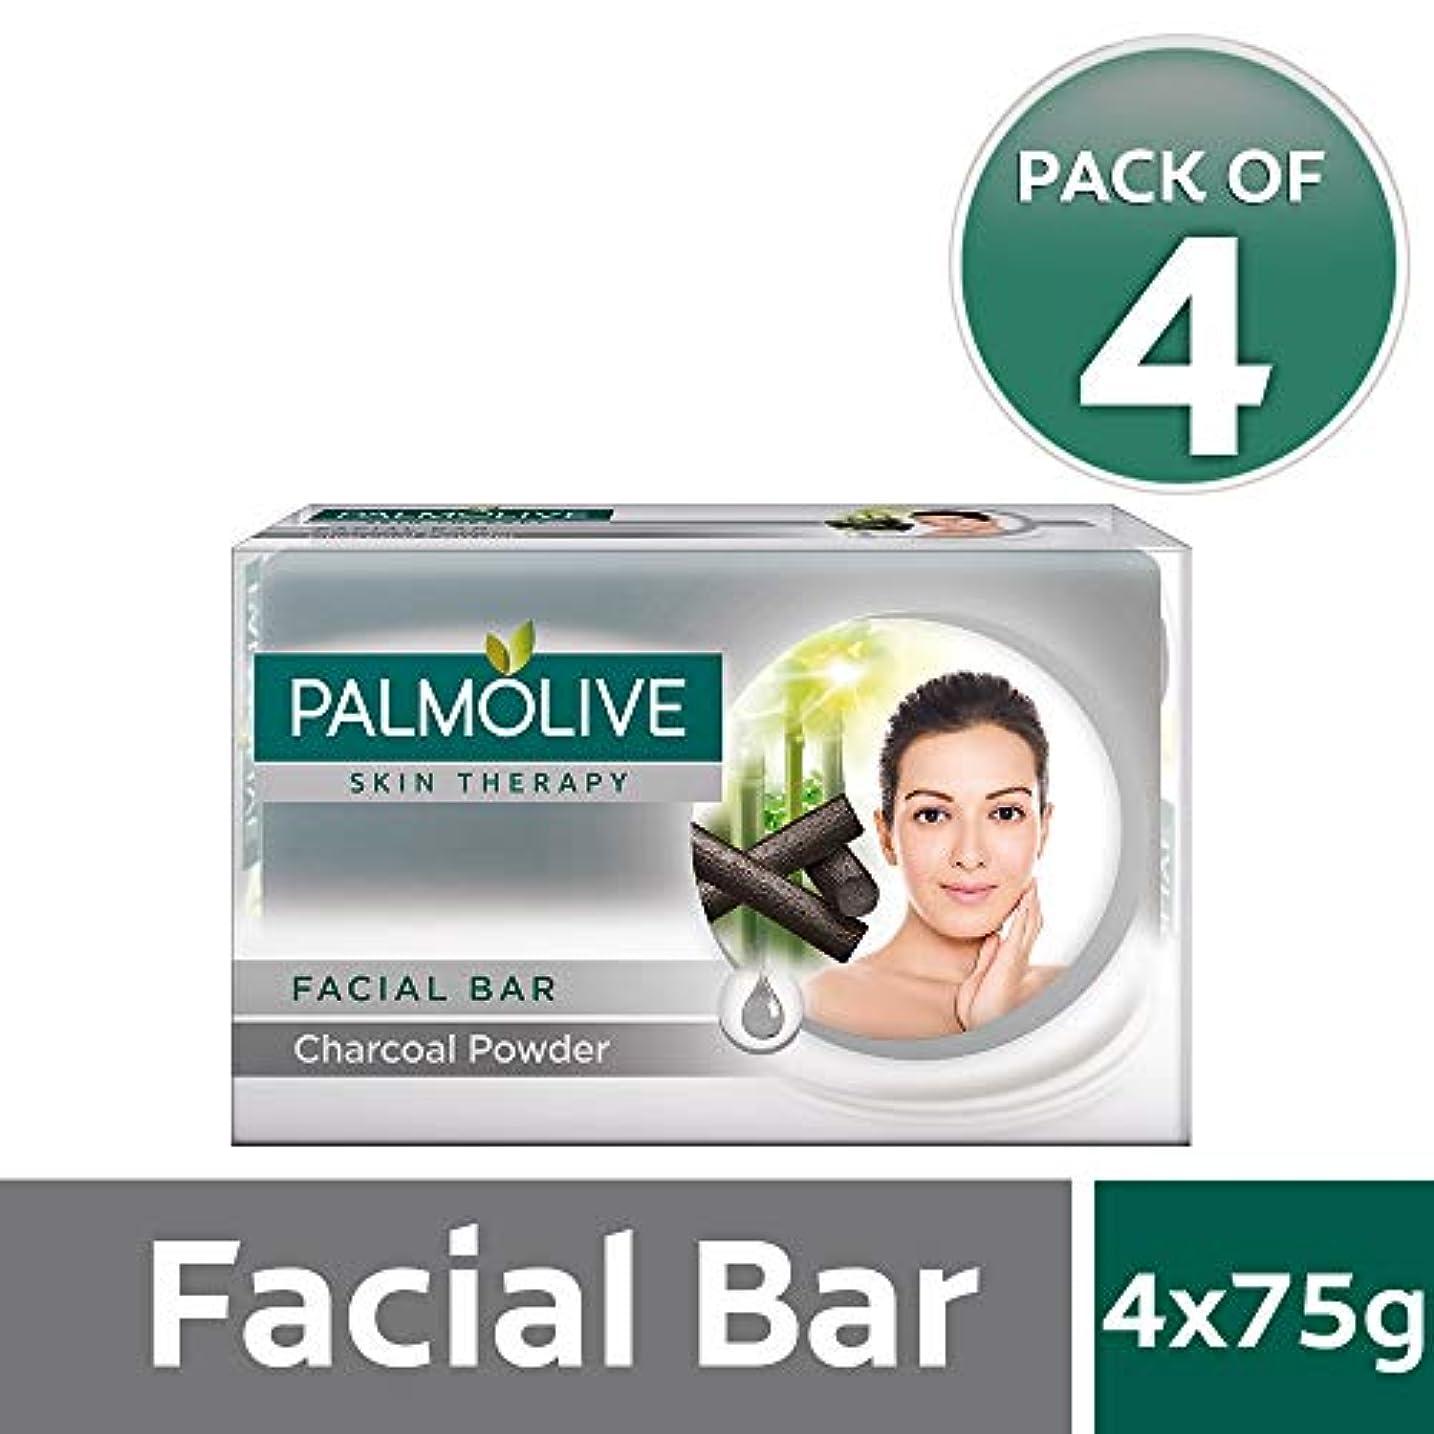 緊張作曲家臭いPalmolive Skin Therapy Facial Bar Soap with Charcoal Powder - 75g (Pack of 4)